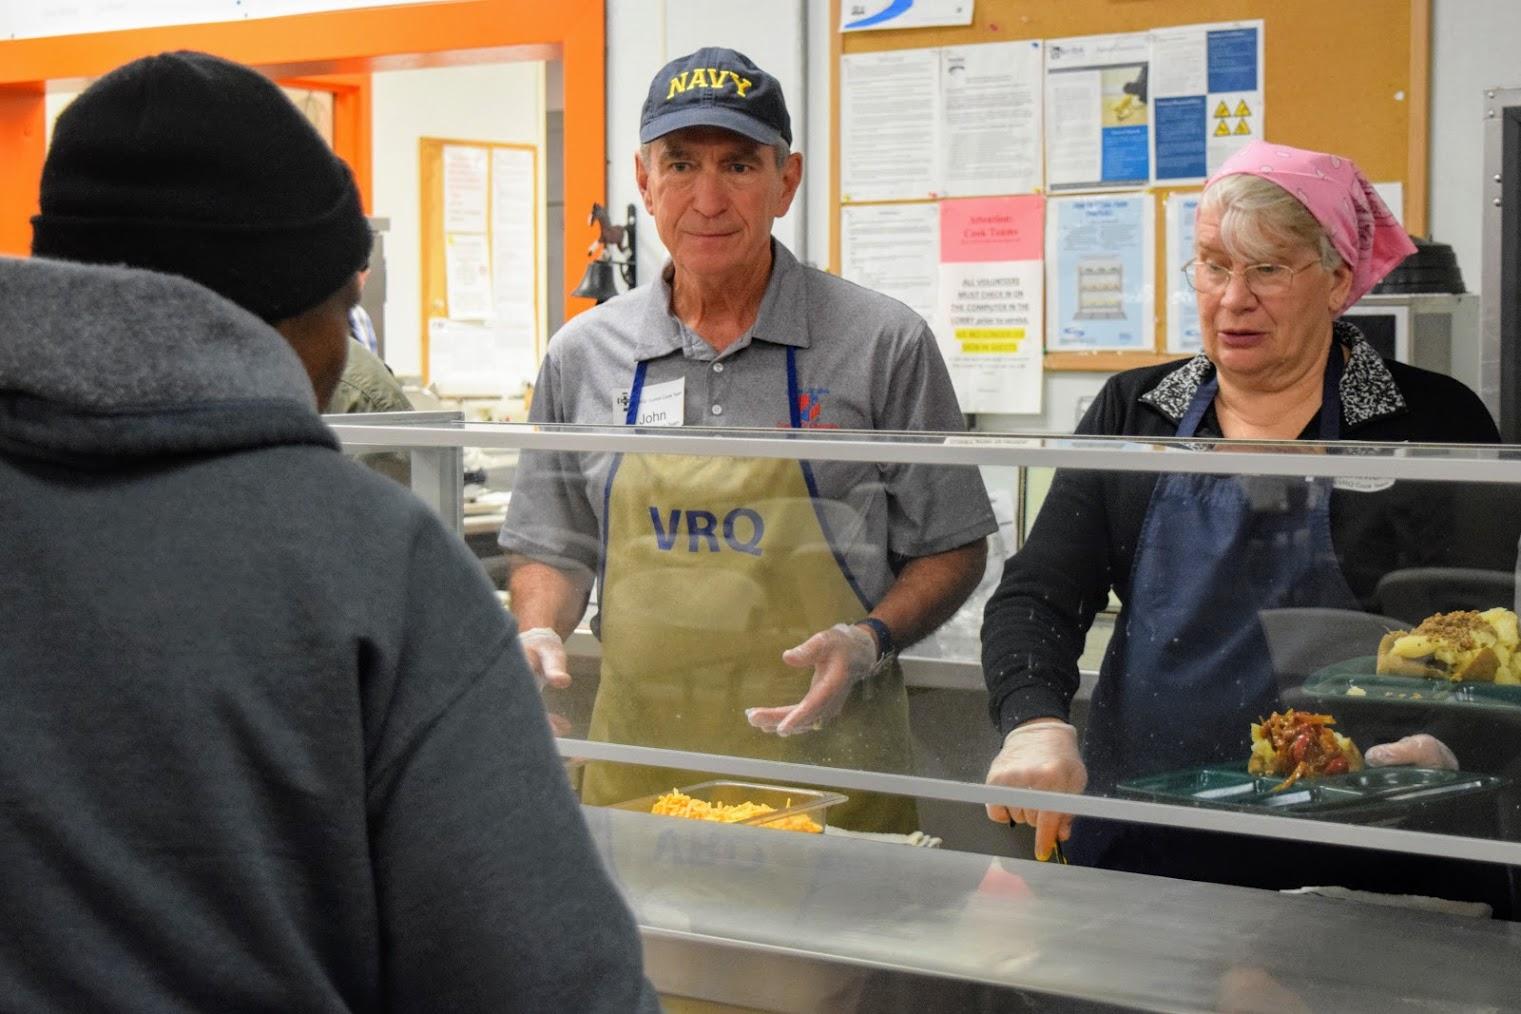 VRQ - Volunteer Cook Team